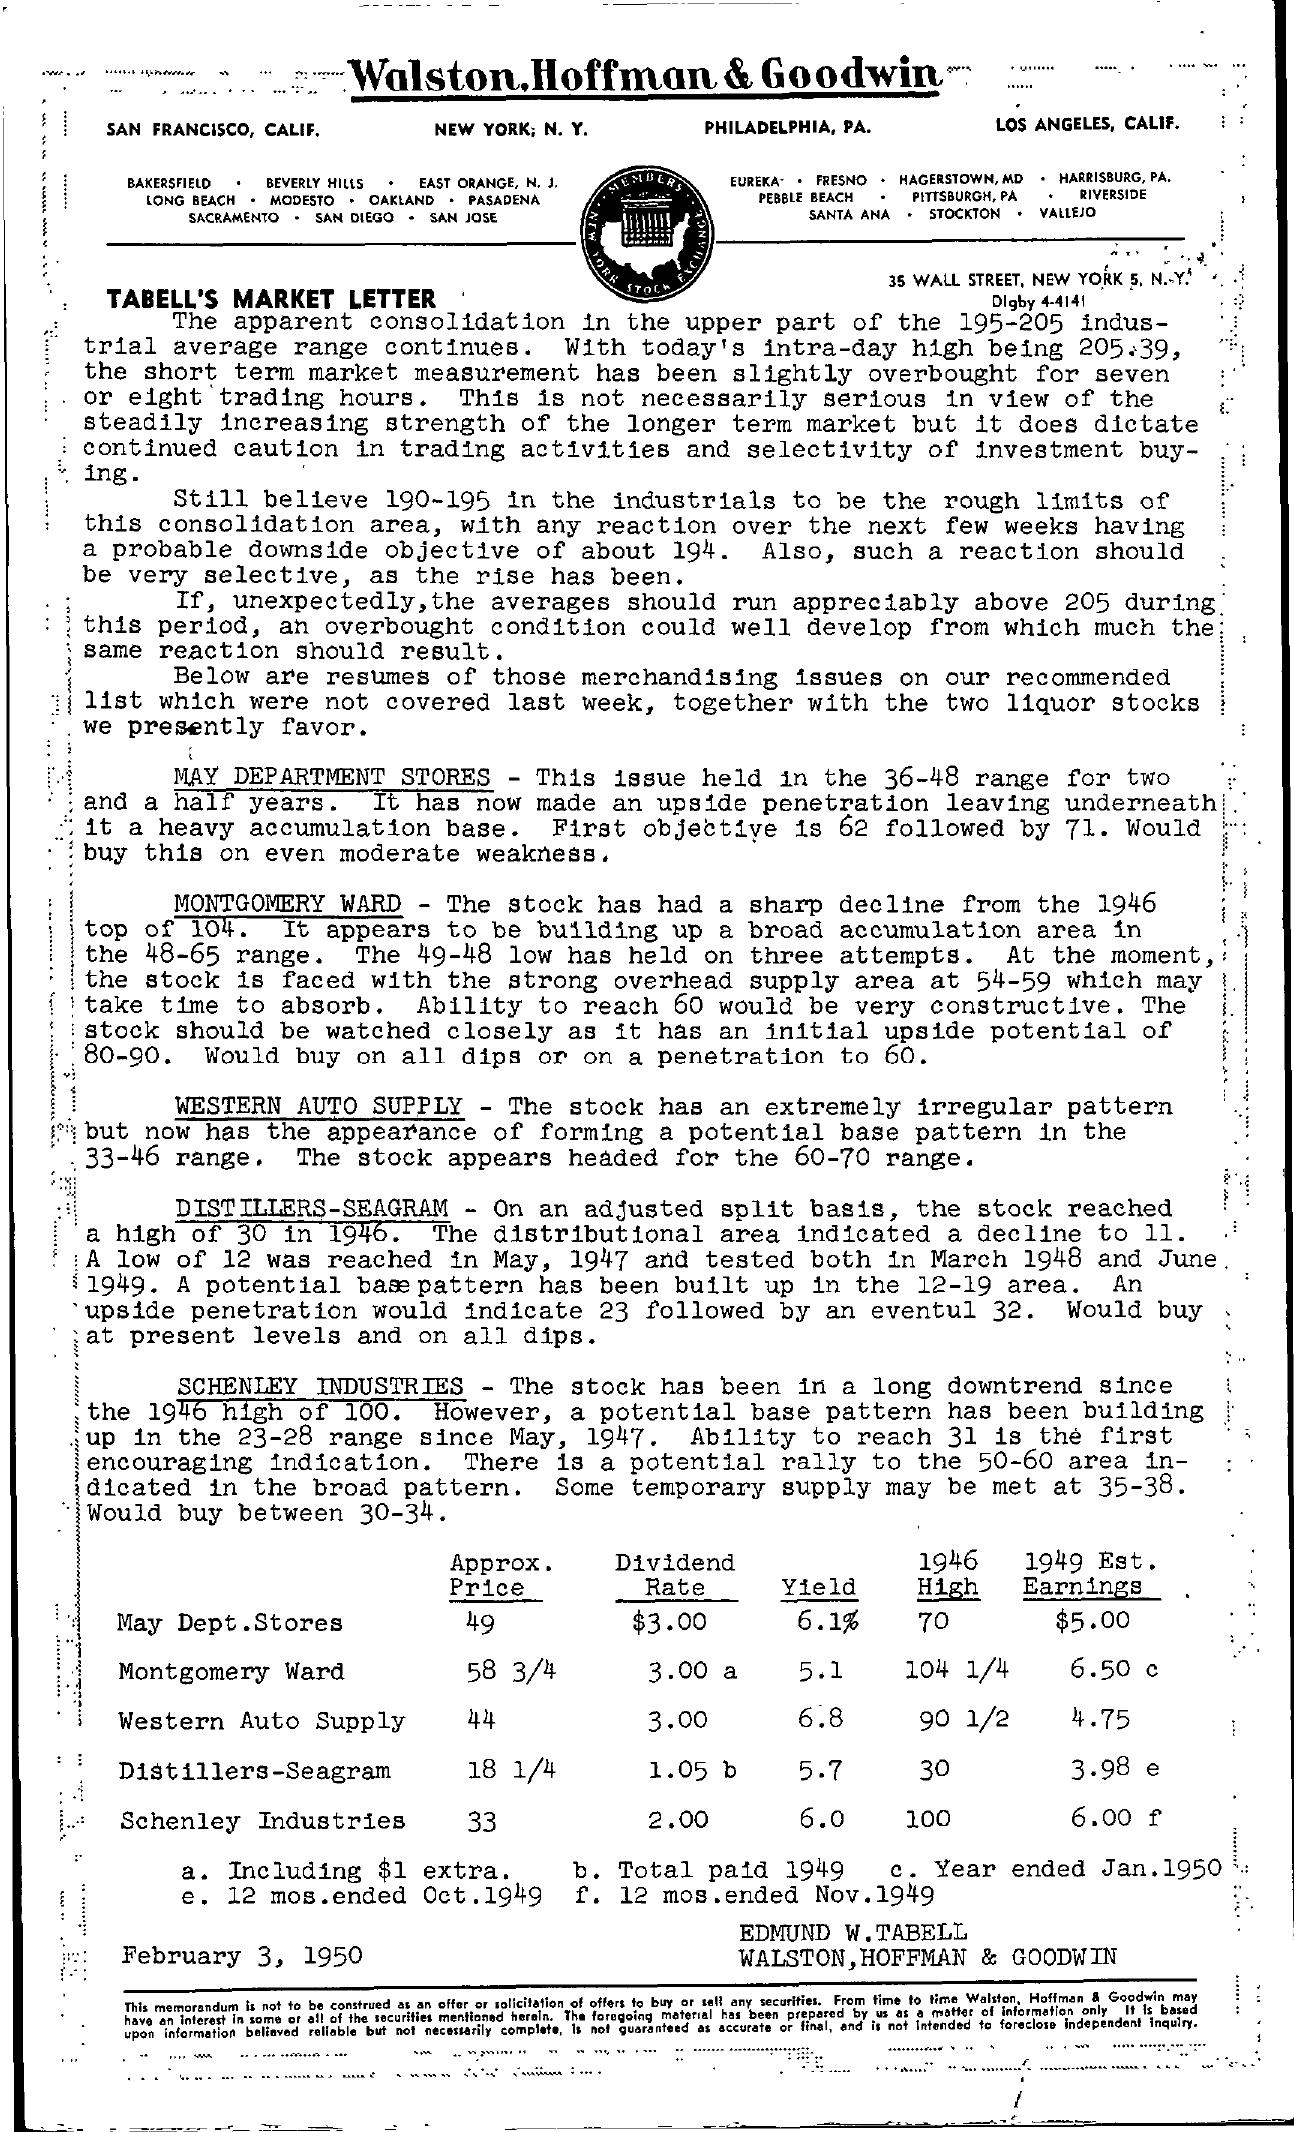 Tabell's Market Letter - February 03, 1950